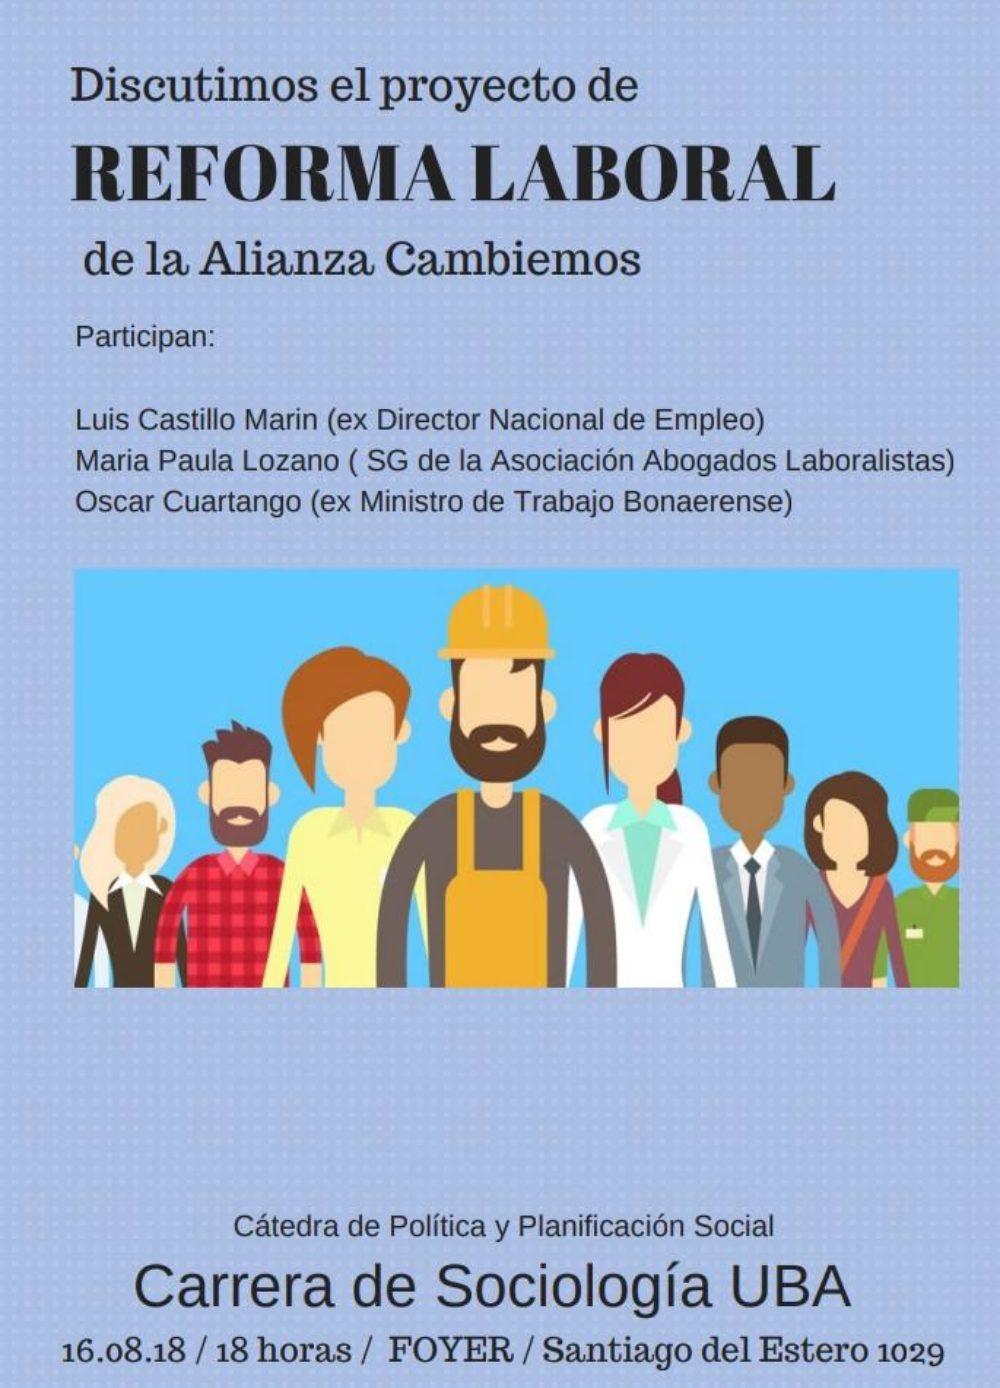 Debate sobre la reforma laboral del gobierno